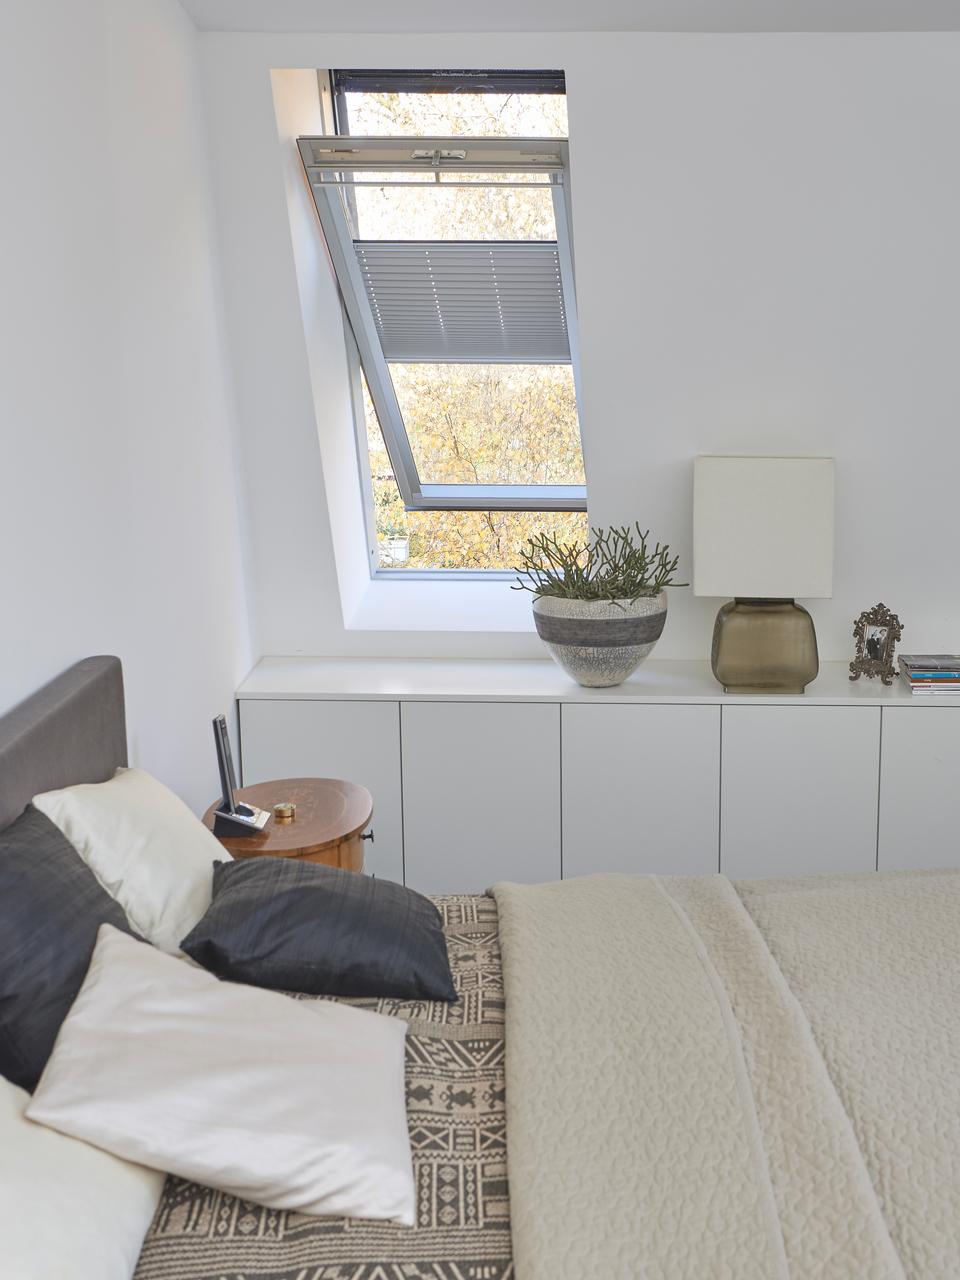 Camera da letto - Ristrutturare camera da letto ...